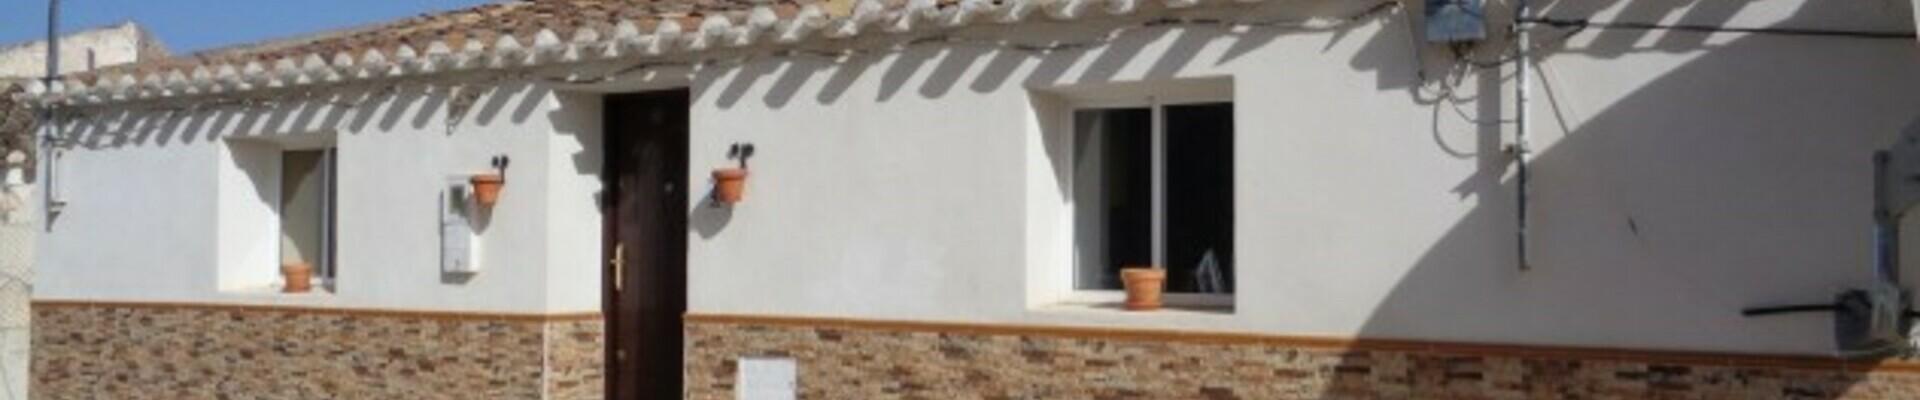 AF599: 2 Bedroom Cortijo for Sale